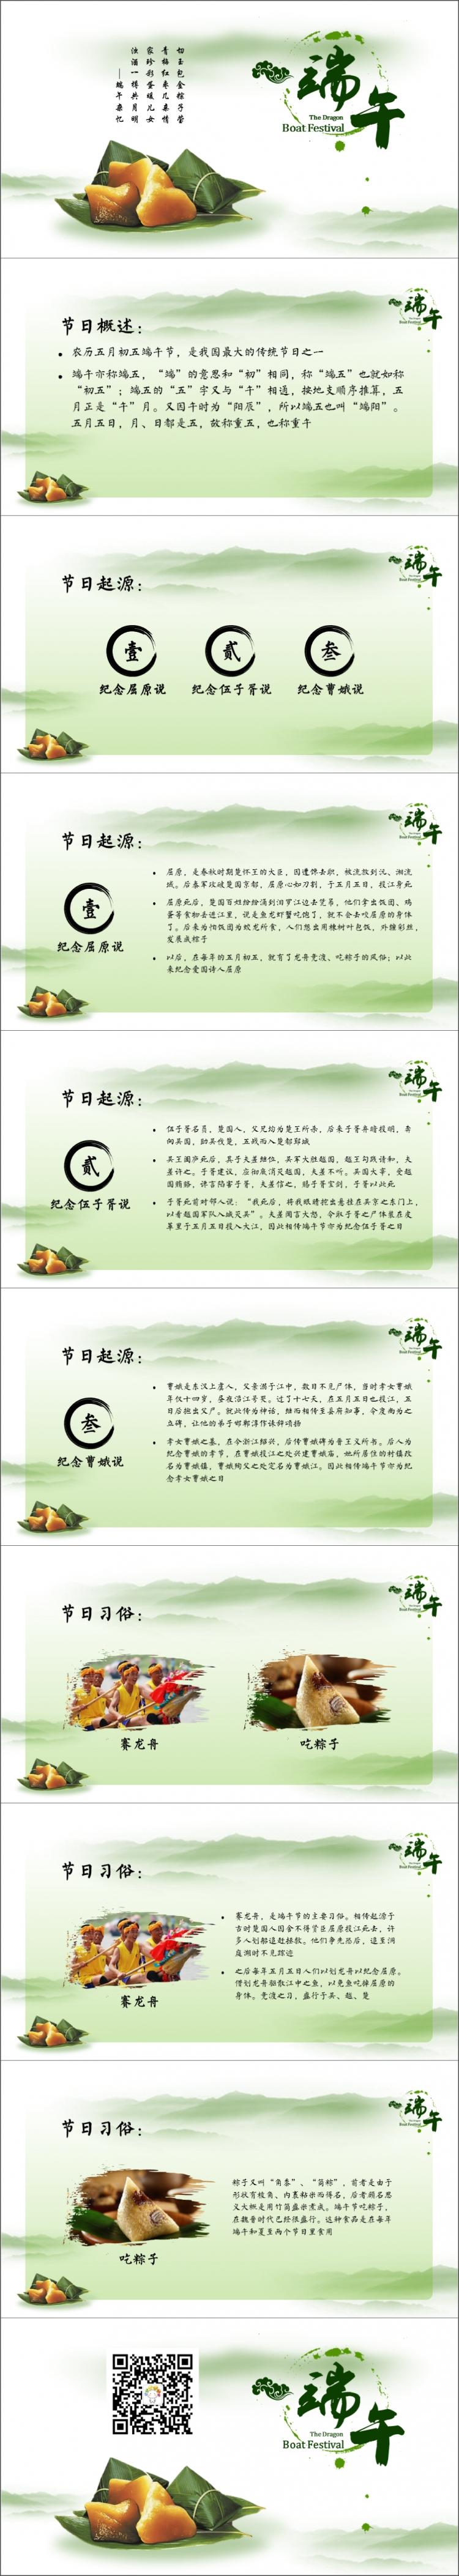 端午节ppt模板 - 演界网,中国首家演示设计交易平台